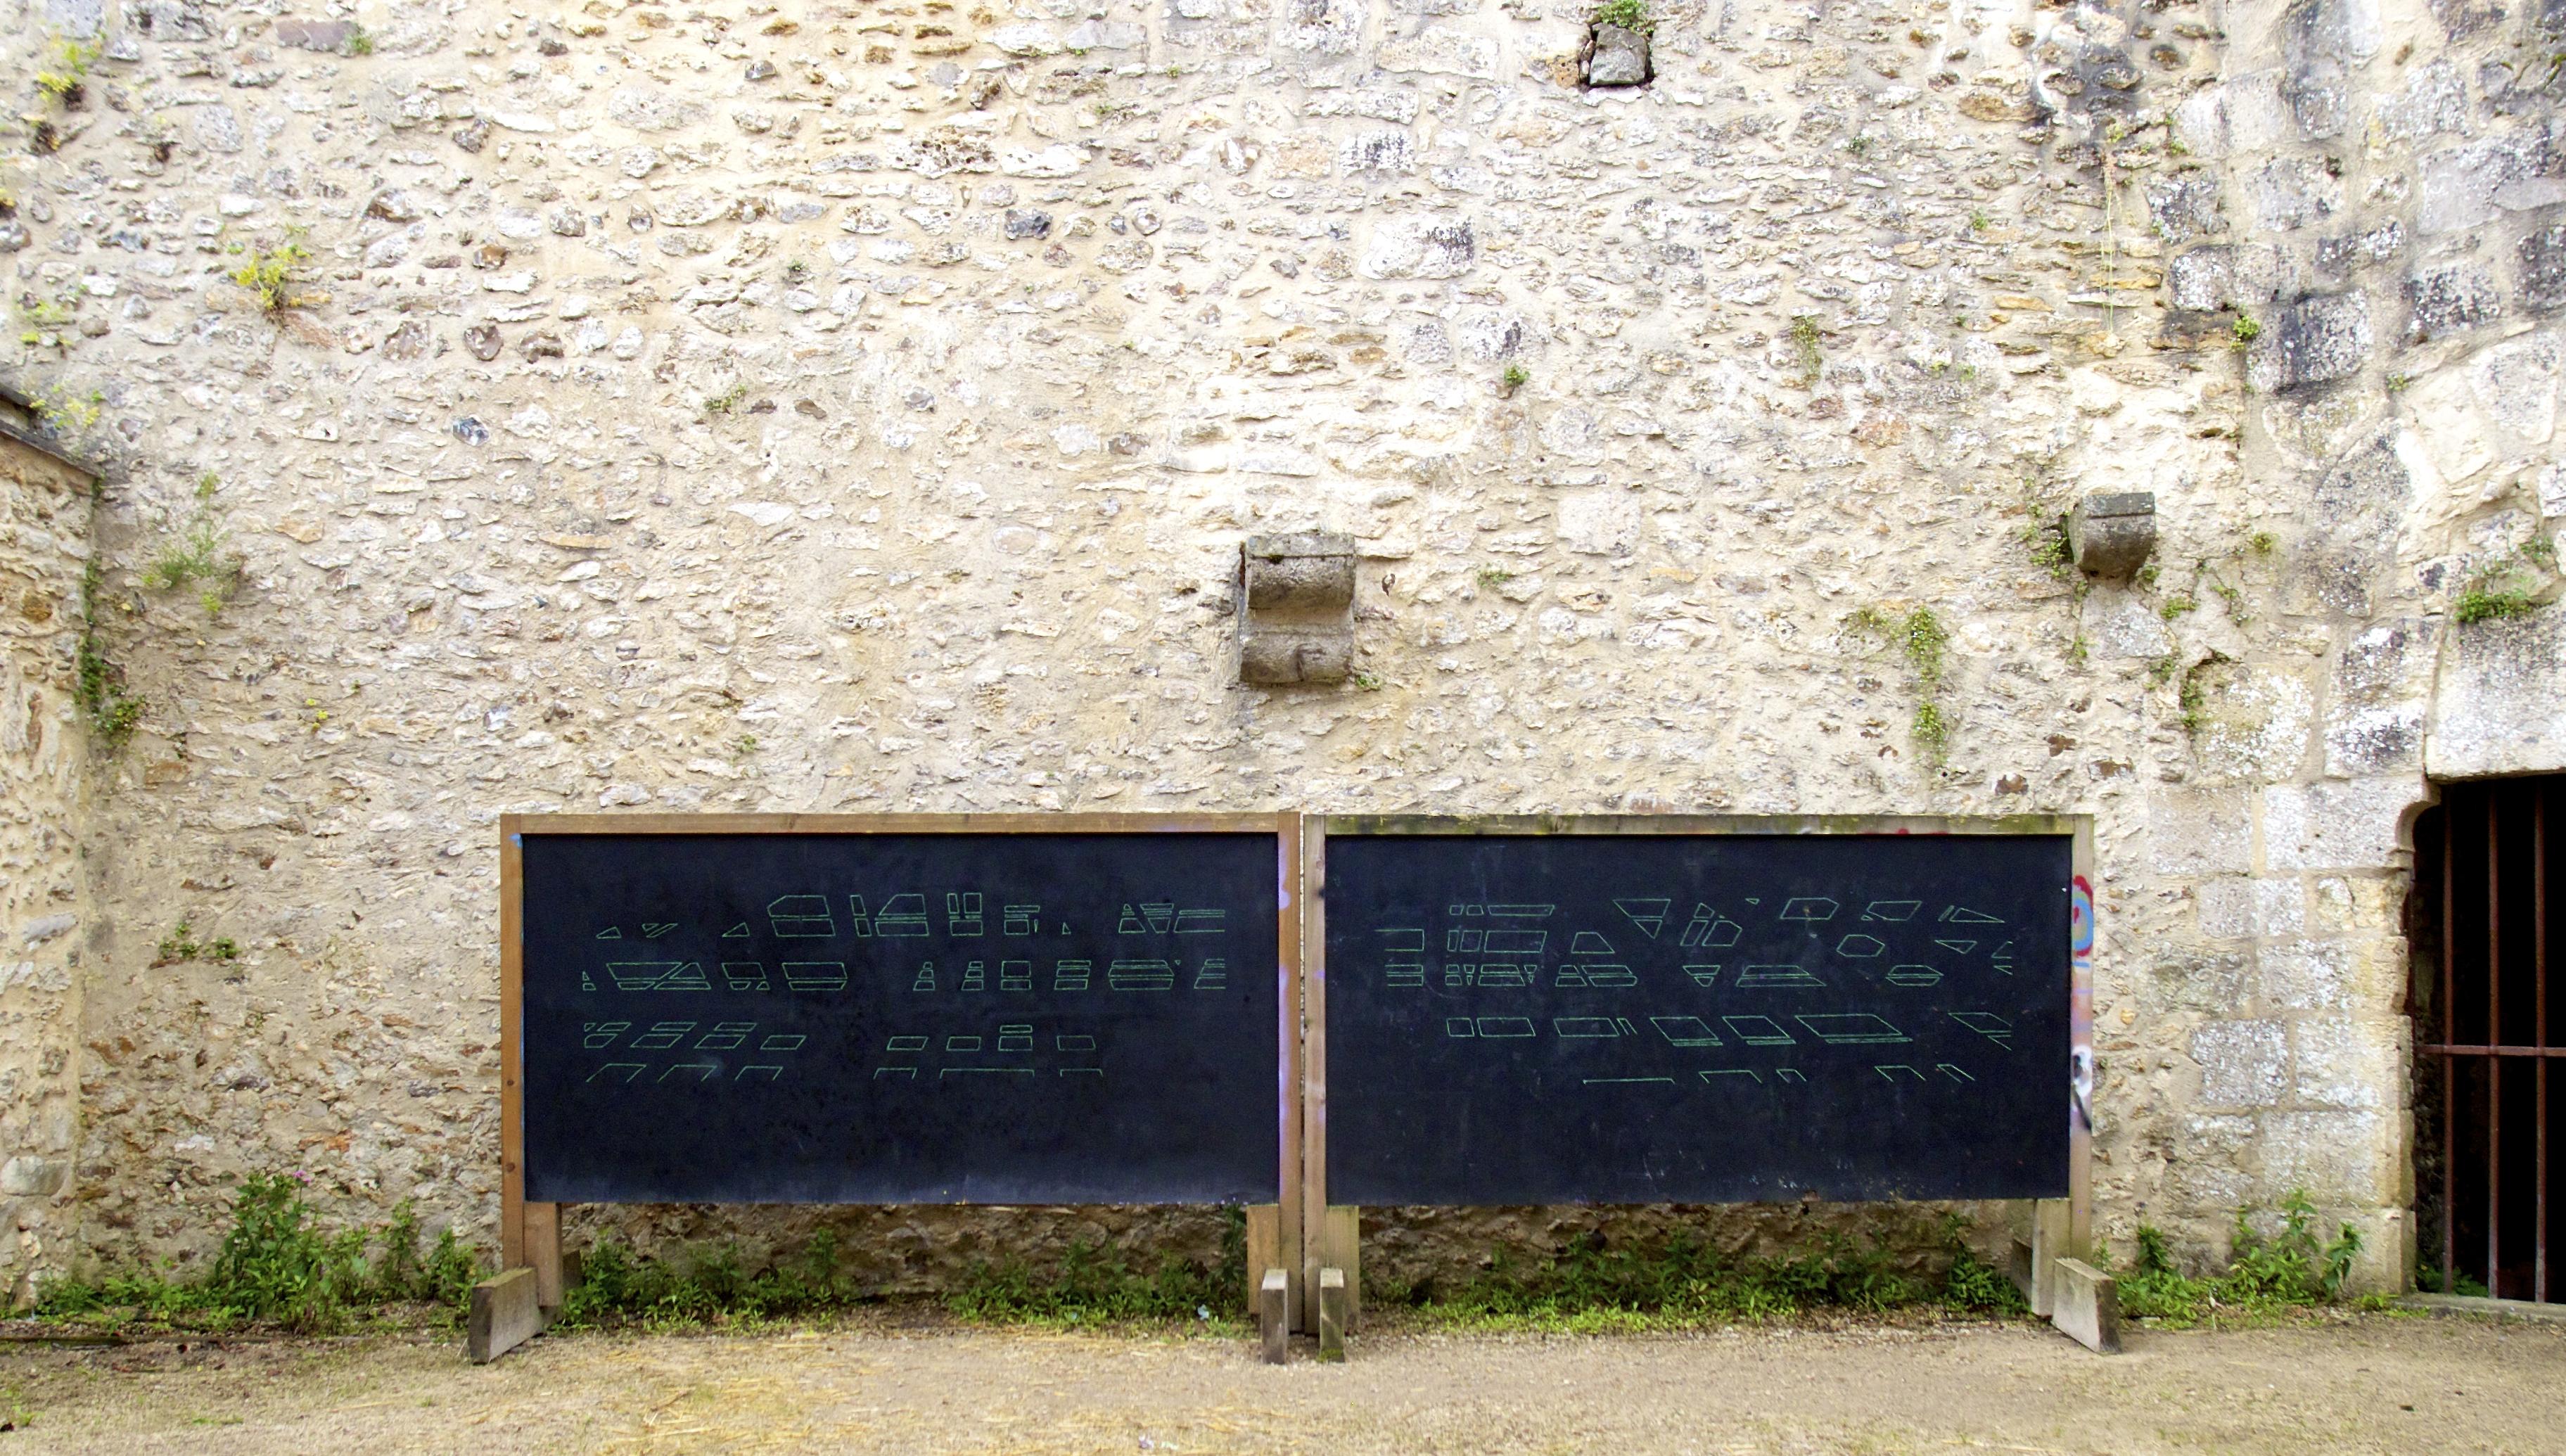 Gerda Kruimer, Penseesauvages chateau Dourdan, 2016